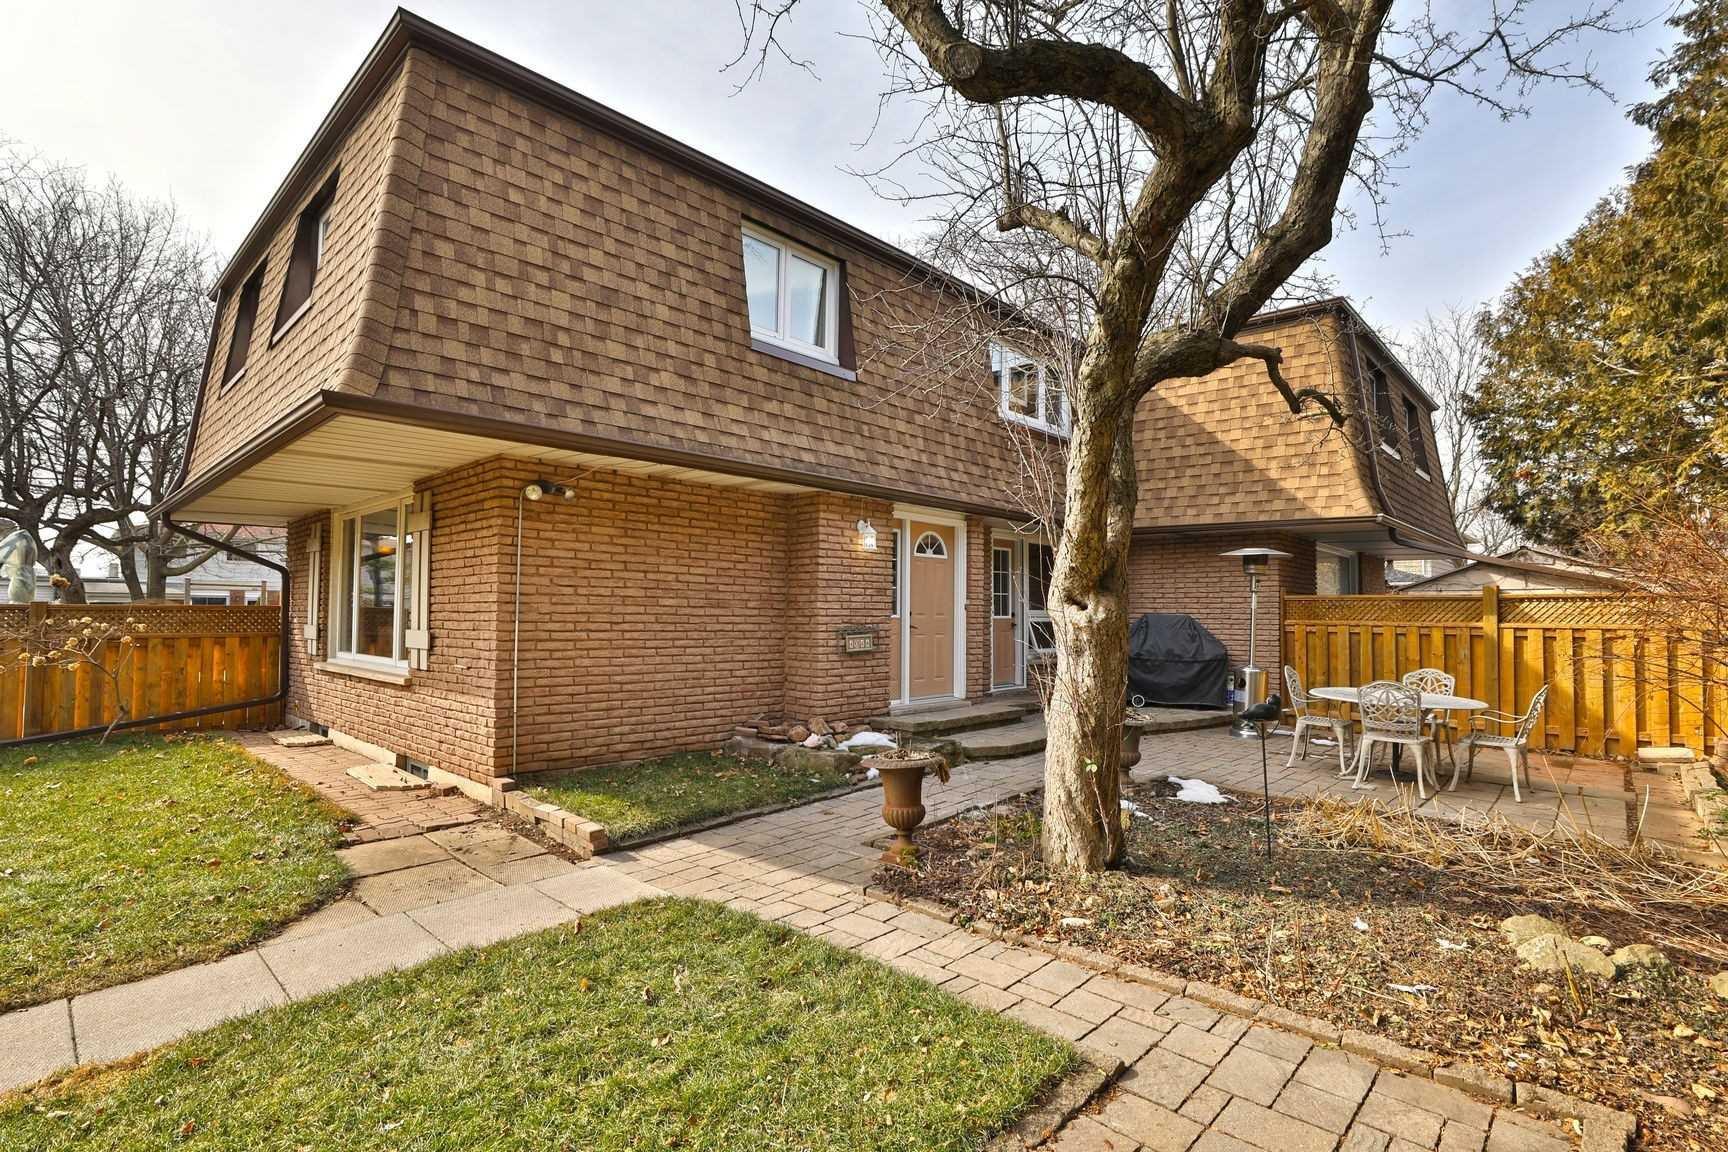 Main Photo: 4044 Longmoor Drive in Burlington: Shoreacres Condo for sale : MLS®# W4703496